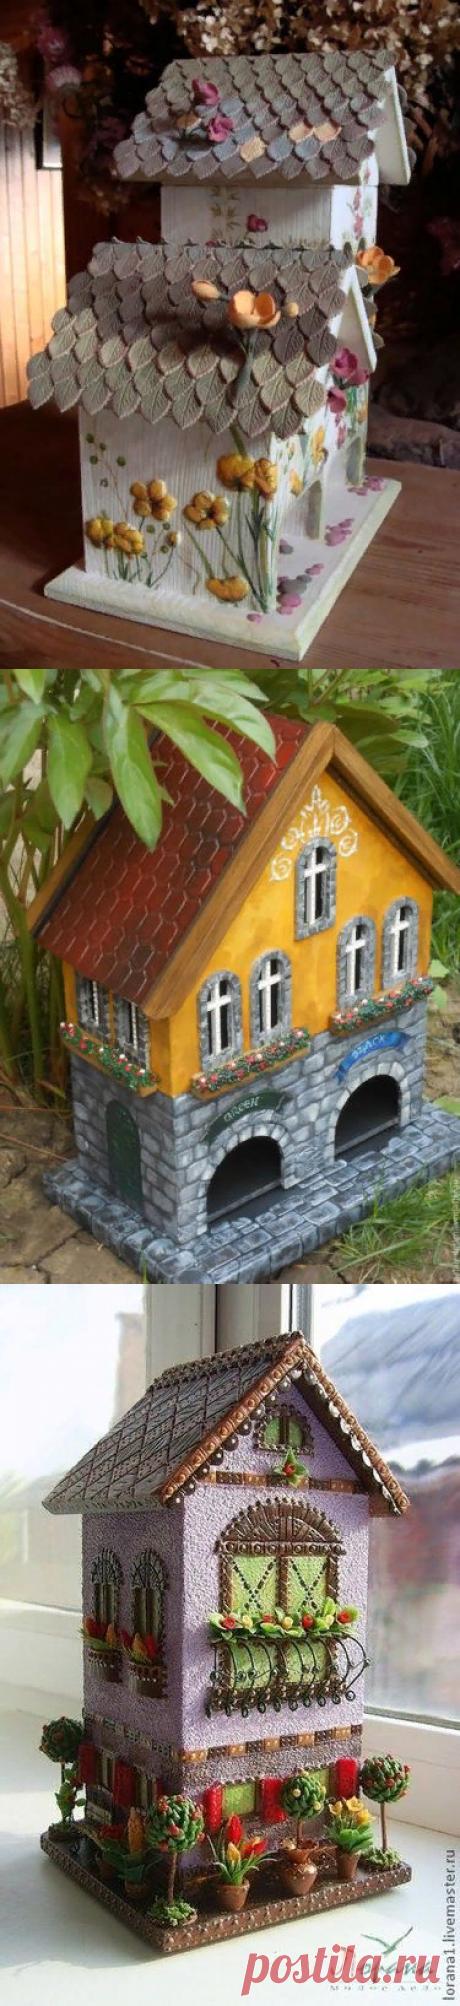 «Чайный домик двойной 'Green & Black' » — карточка пользователя Елена С. в Яндекс.Коллекциях